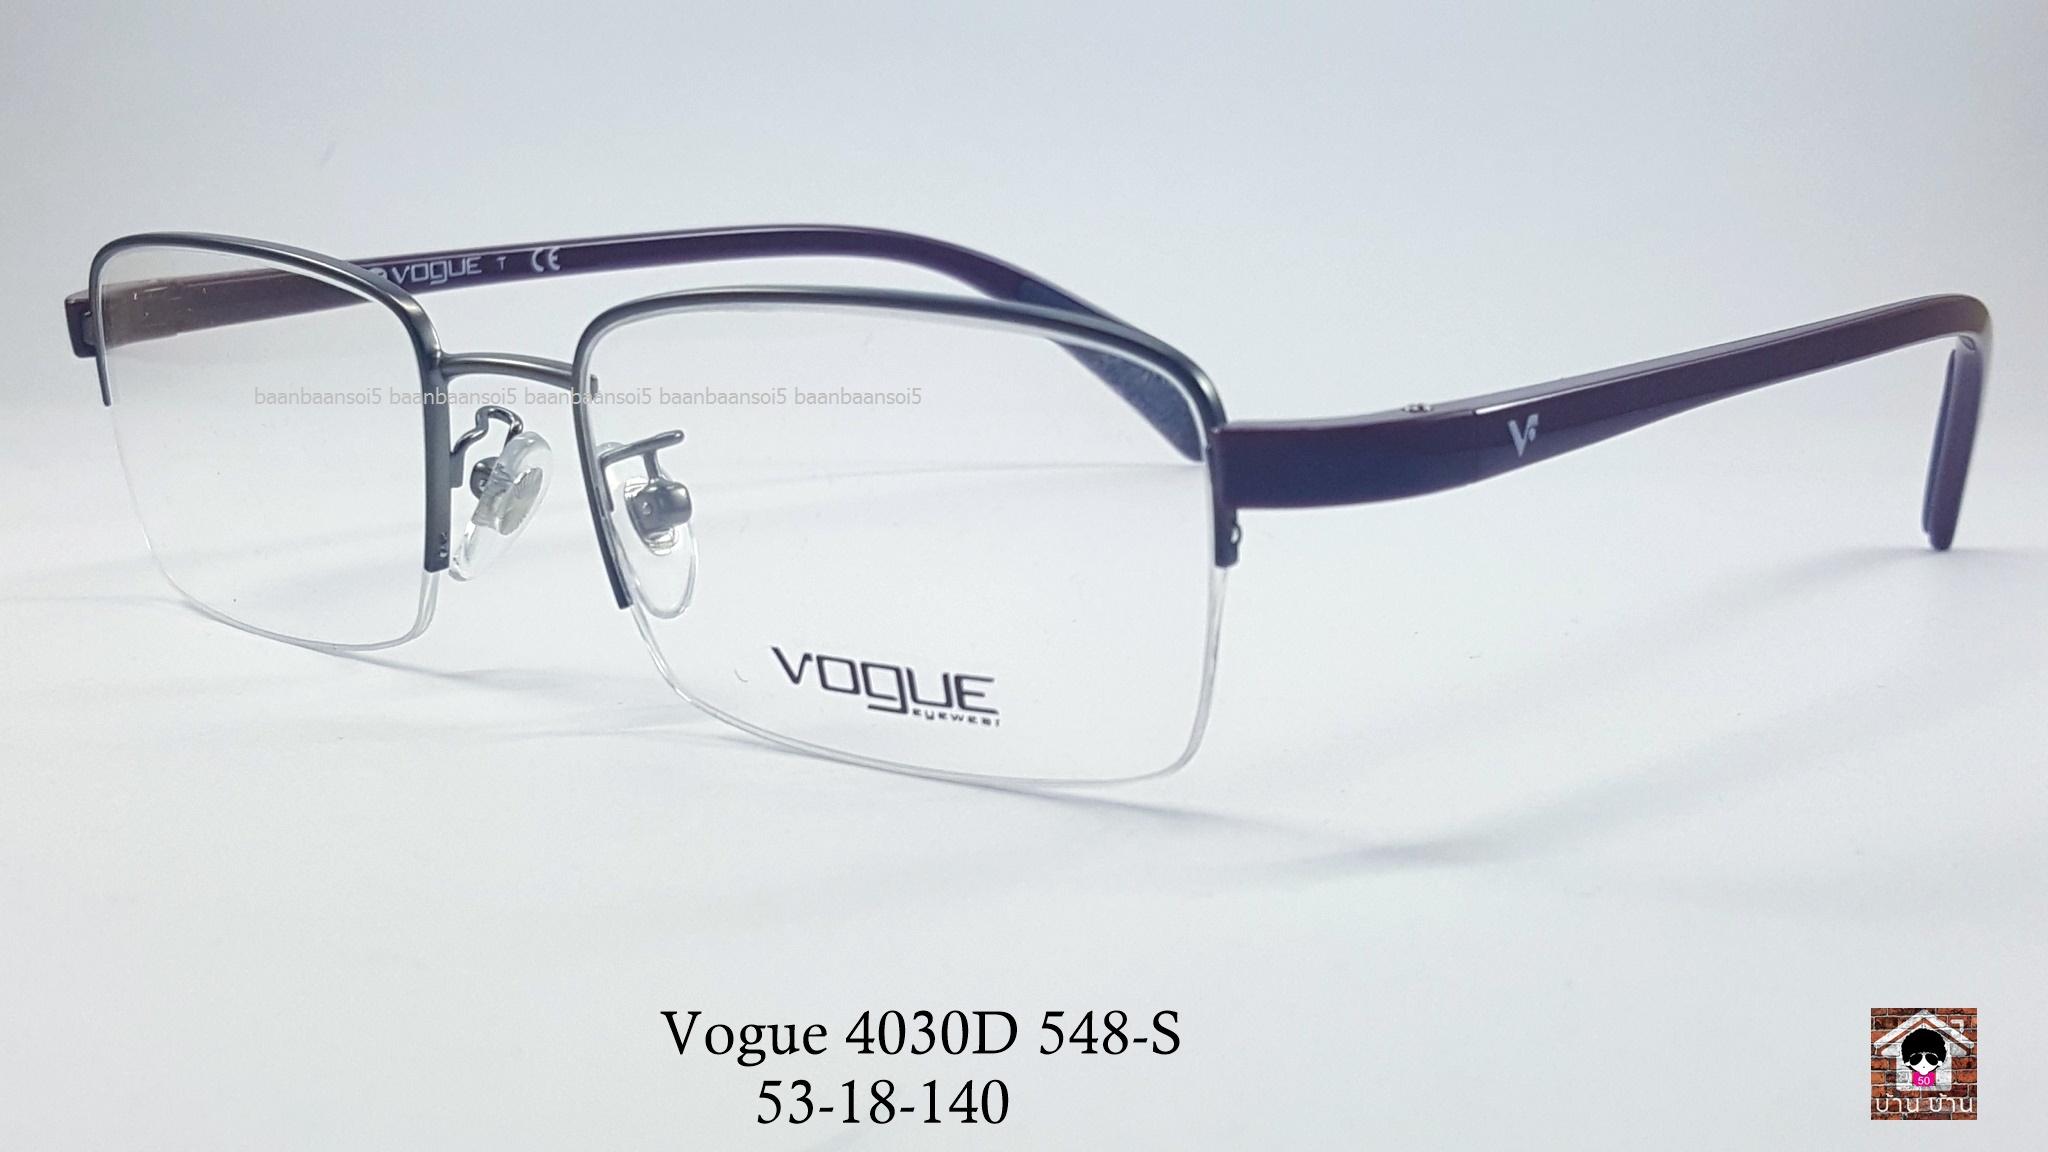 Vogue vo 4030D 548S โปรโมชั่น กรอบแว่นตาพร้อมเลนส์ HOYA ราคา 2,700 บาท